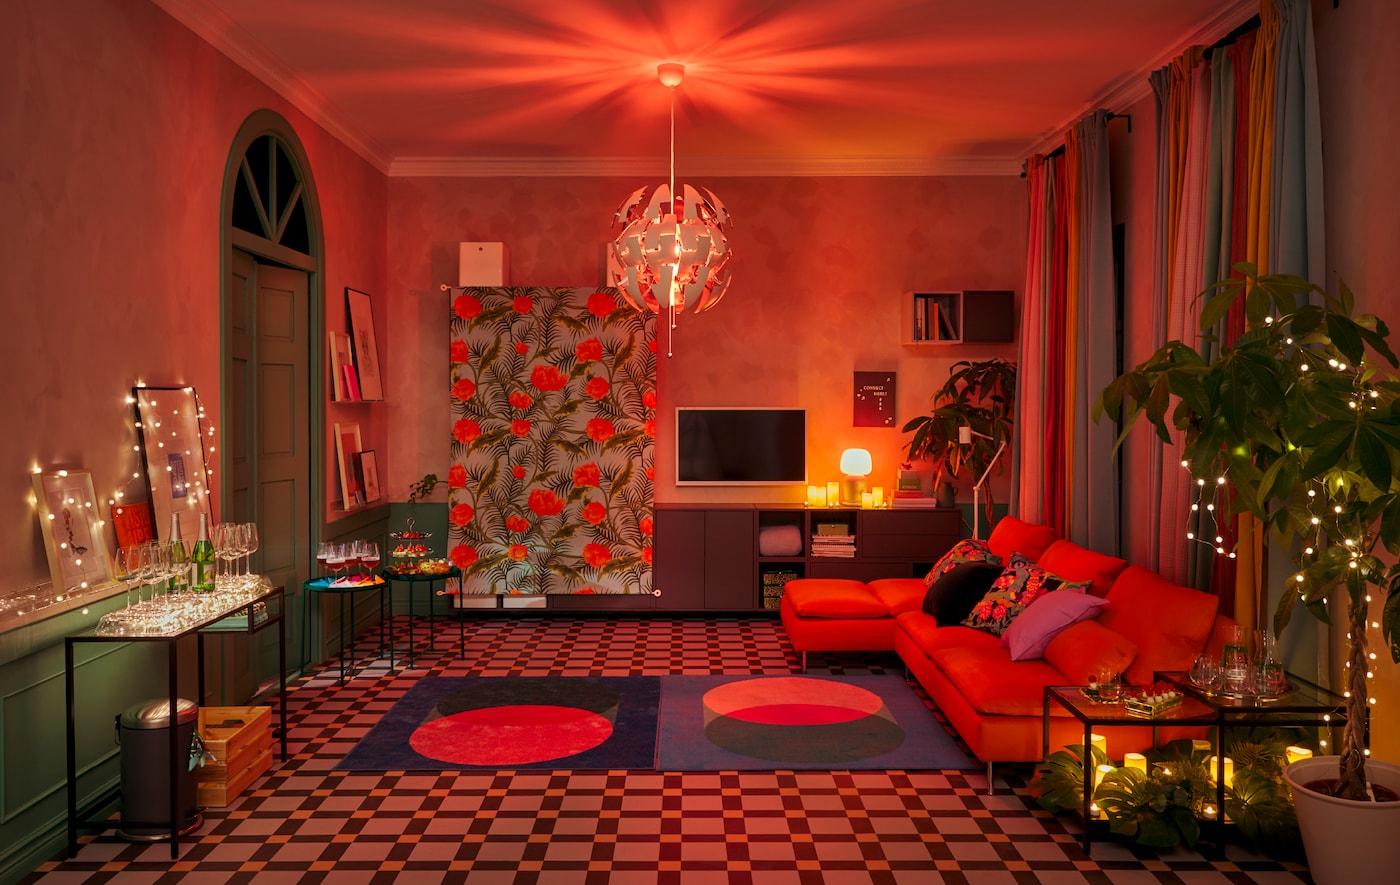 布置客厅,为派对做准备:沿墙摆放家具,空出宽敞的舞池,用装饰品和灯具营造俱乐部氛围。